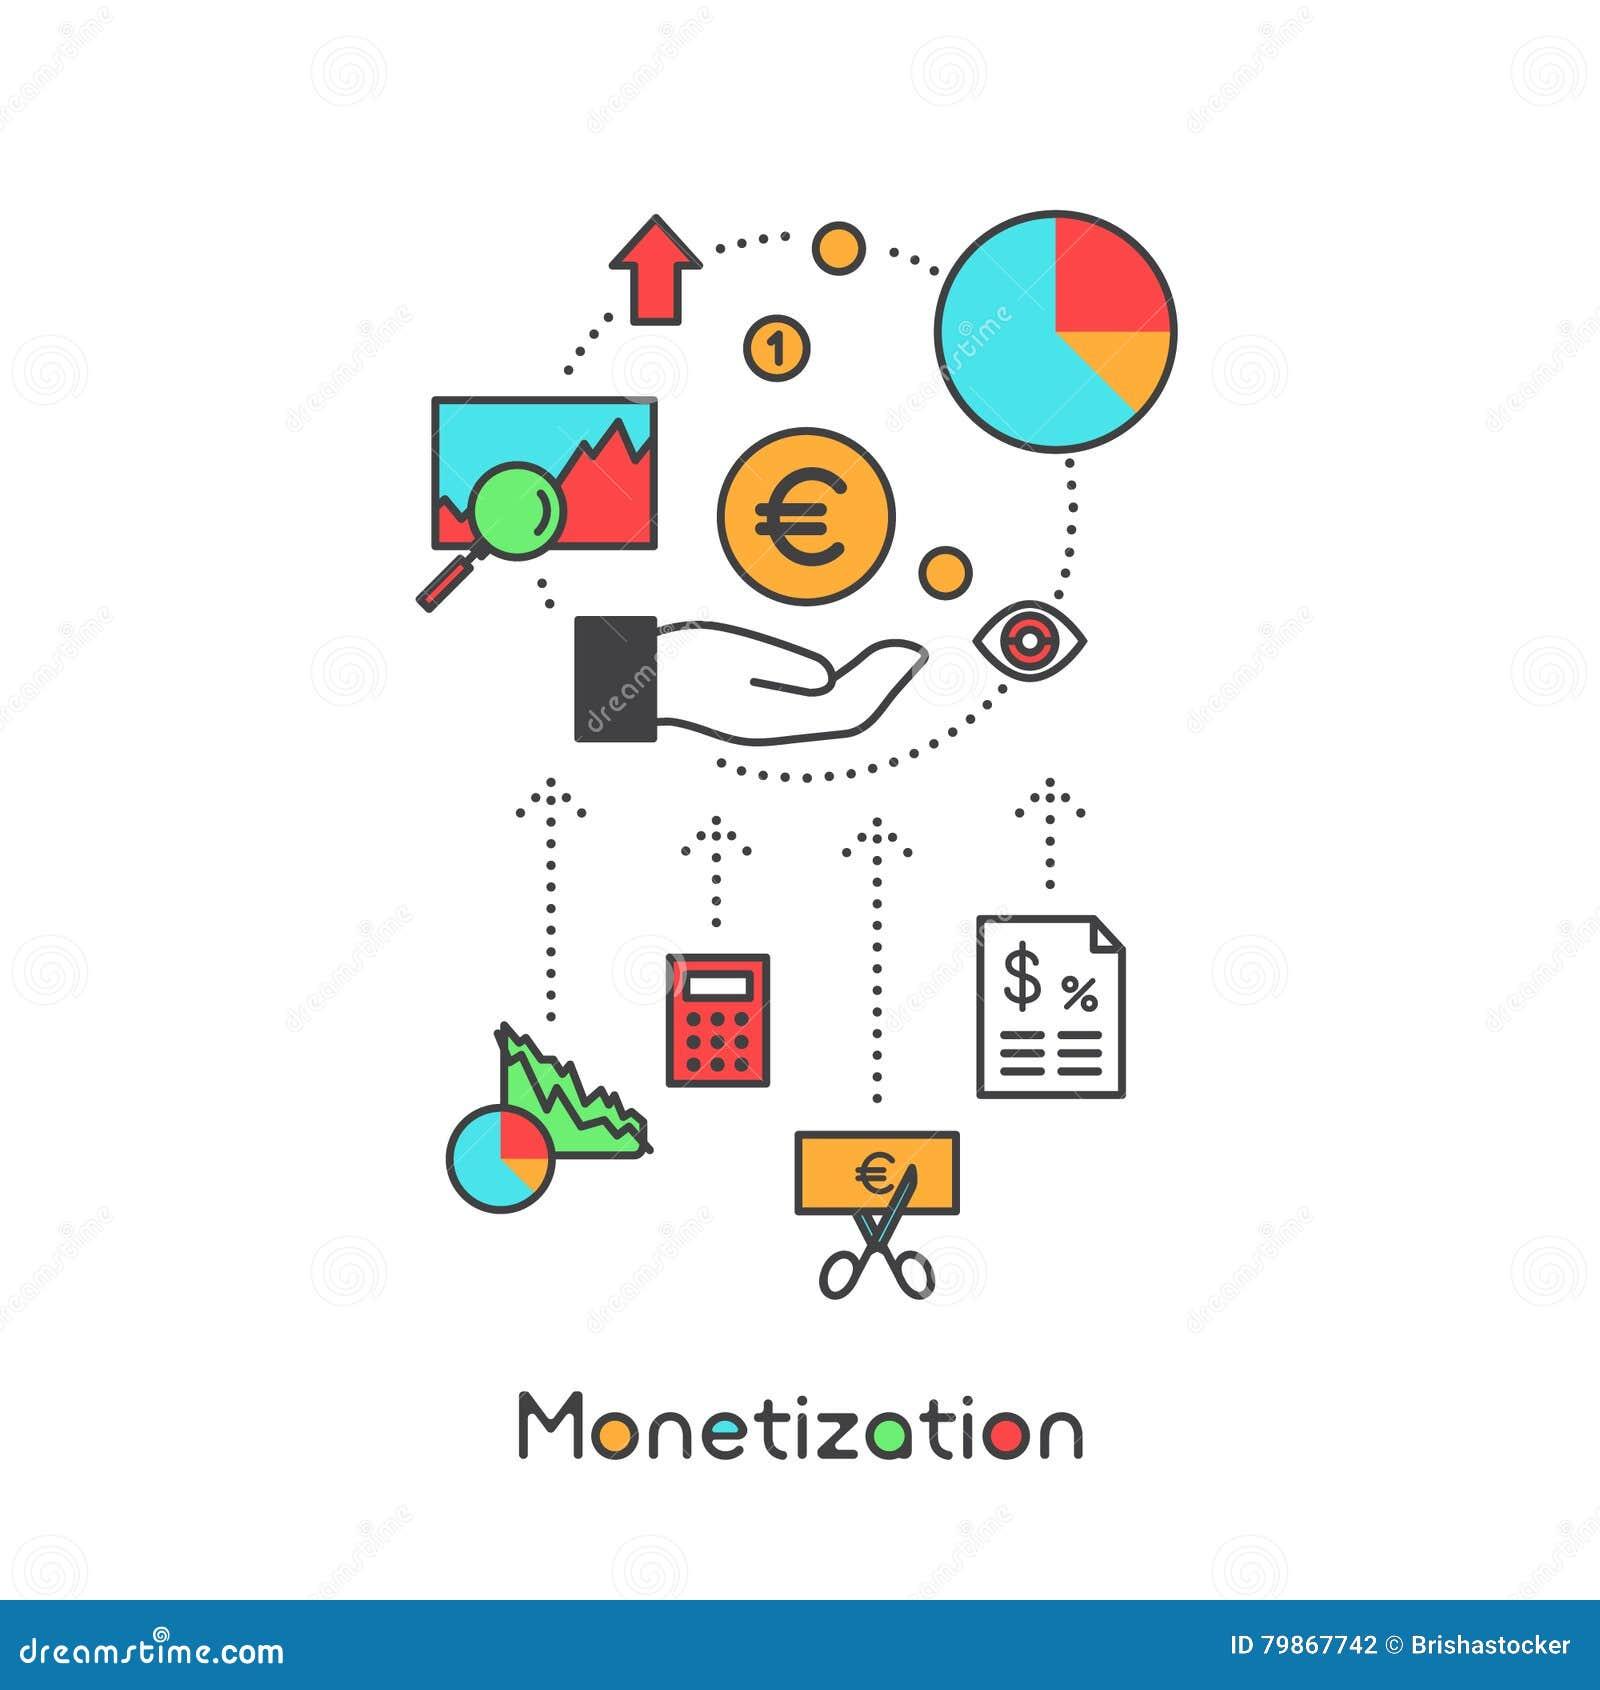 Monetization Process